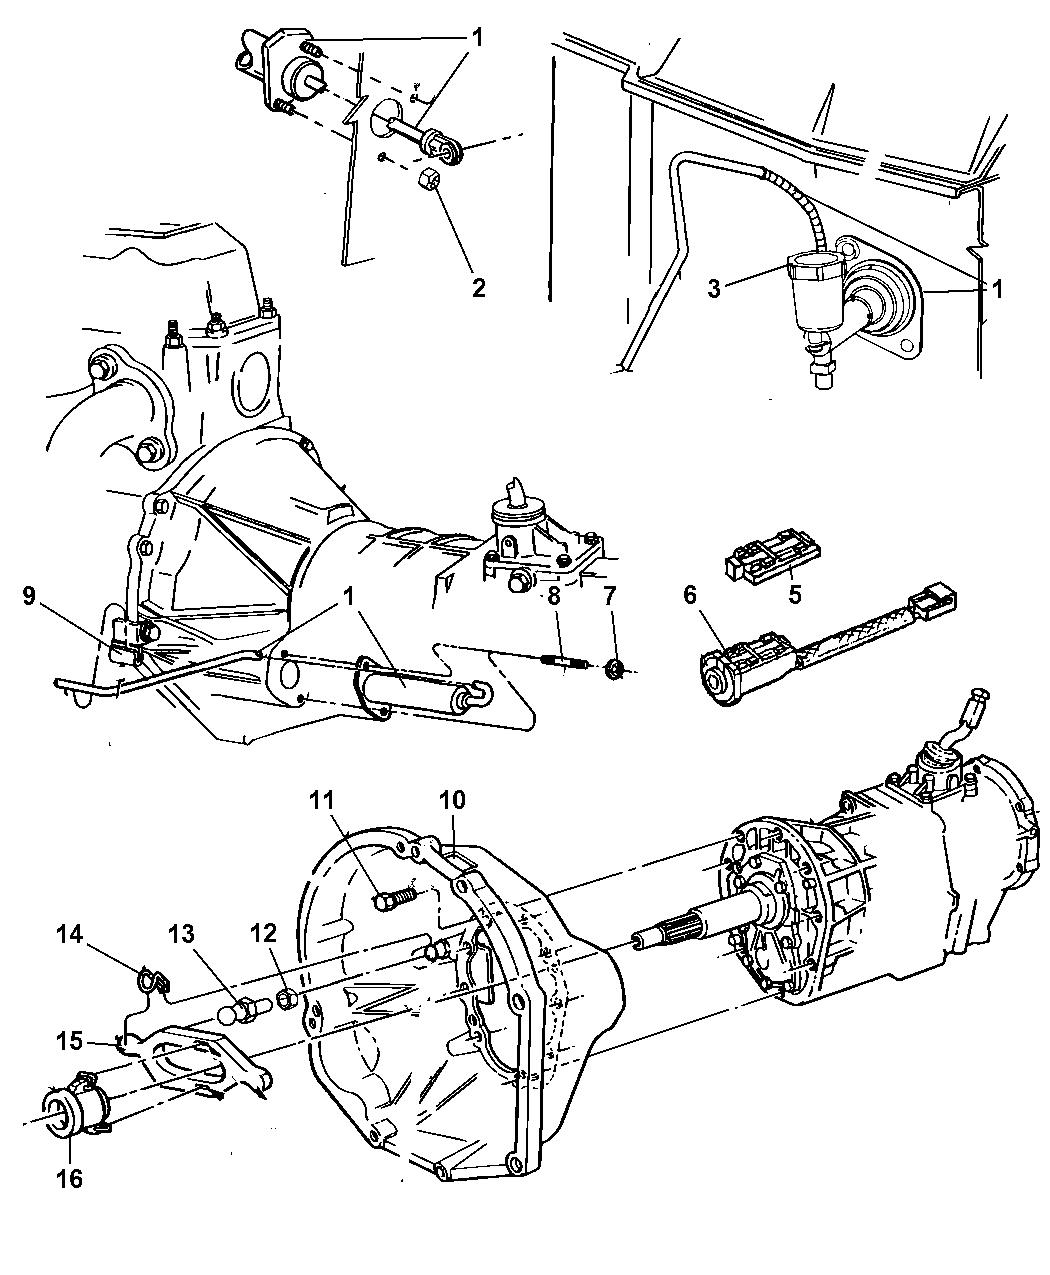 Hydraulic Controls Parts : Ab genuine mopar hydraulic control clutch actu